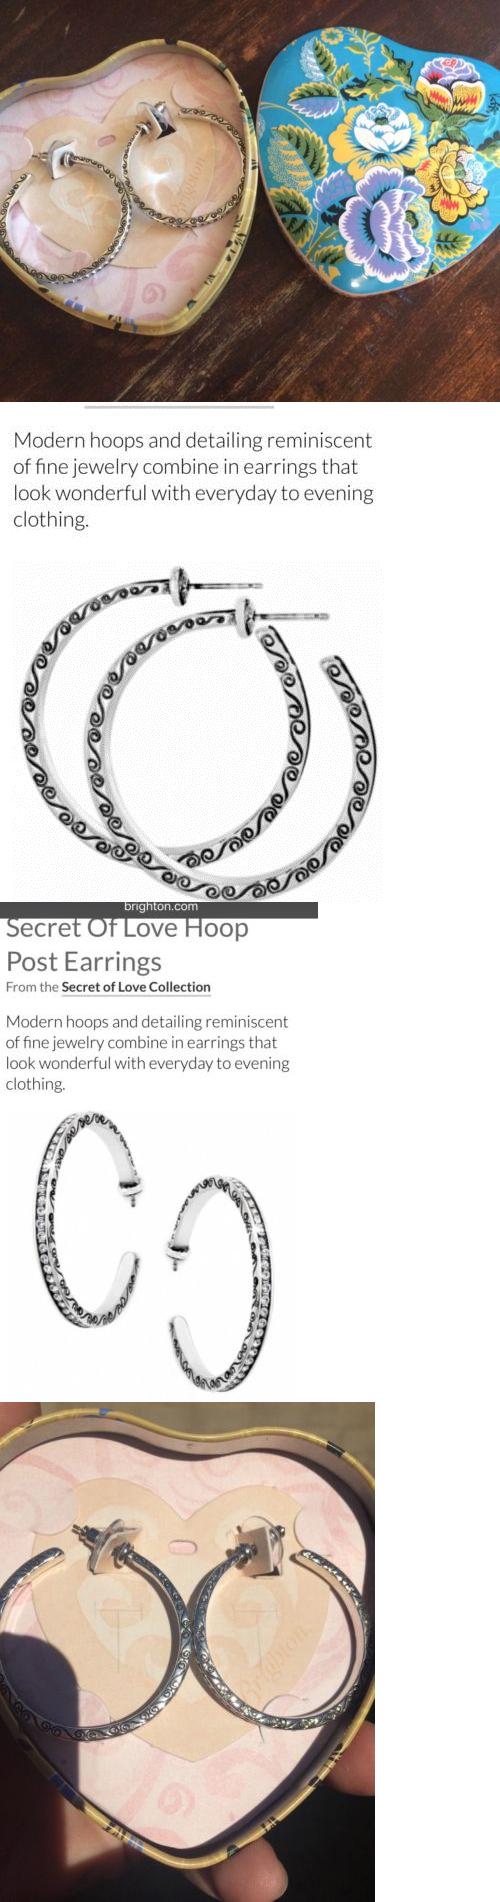 Earrings 110645: Brighton Silver And Swarovski Crystal Hoop Earrings > Buy  It Now Only